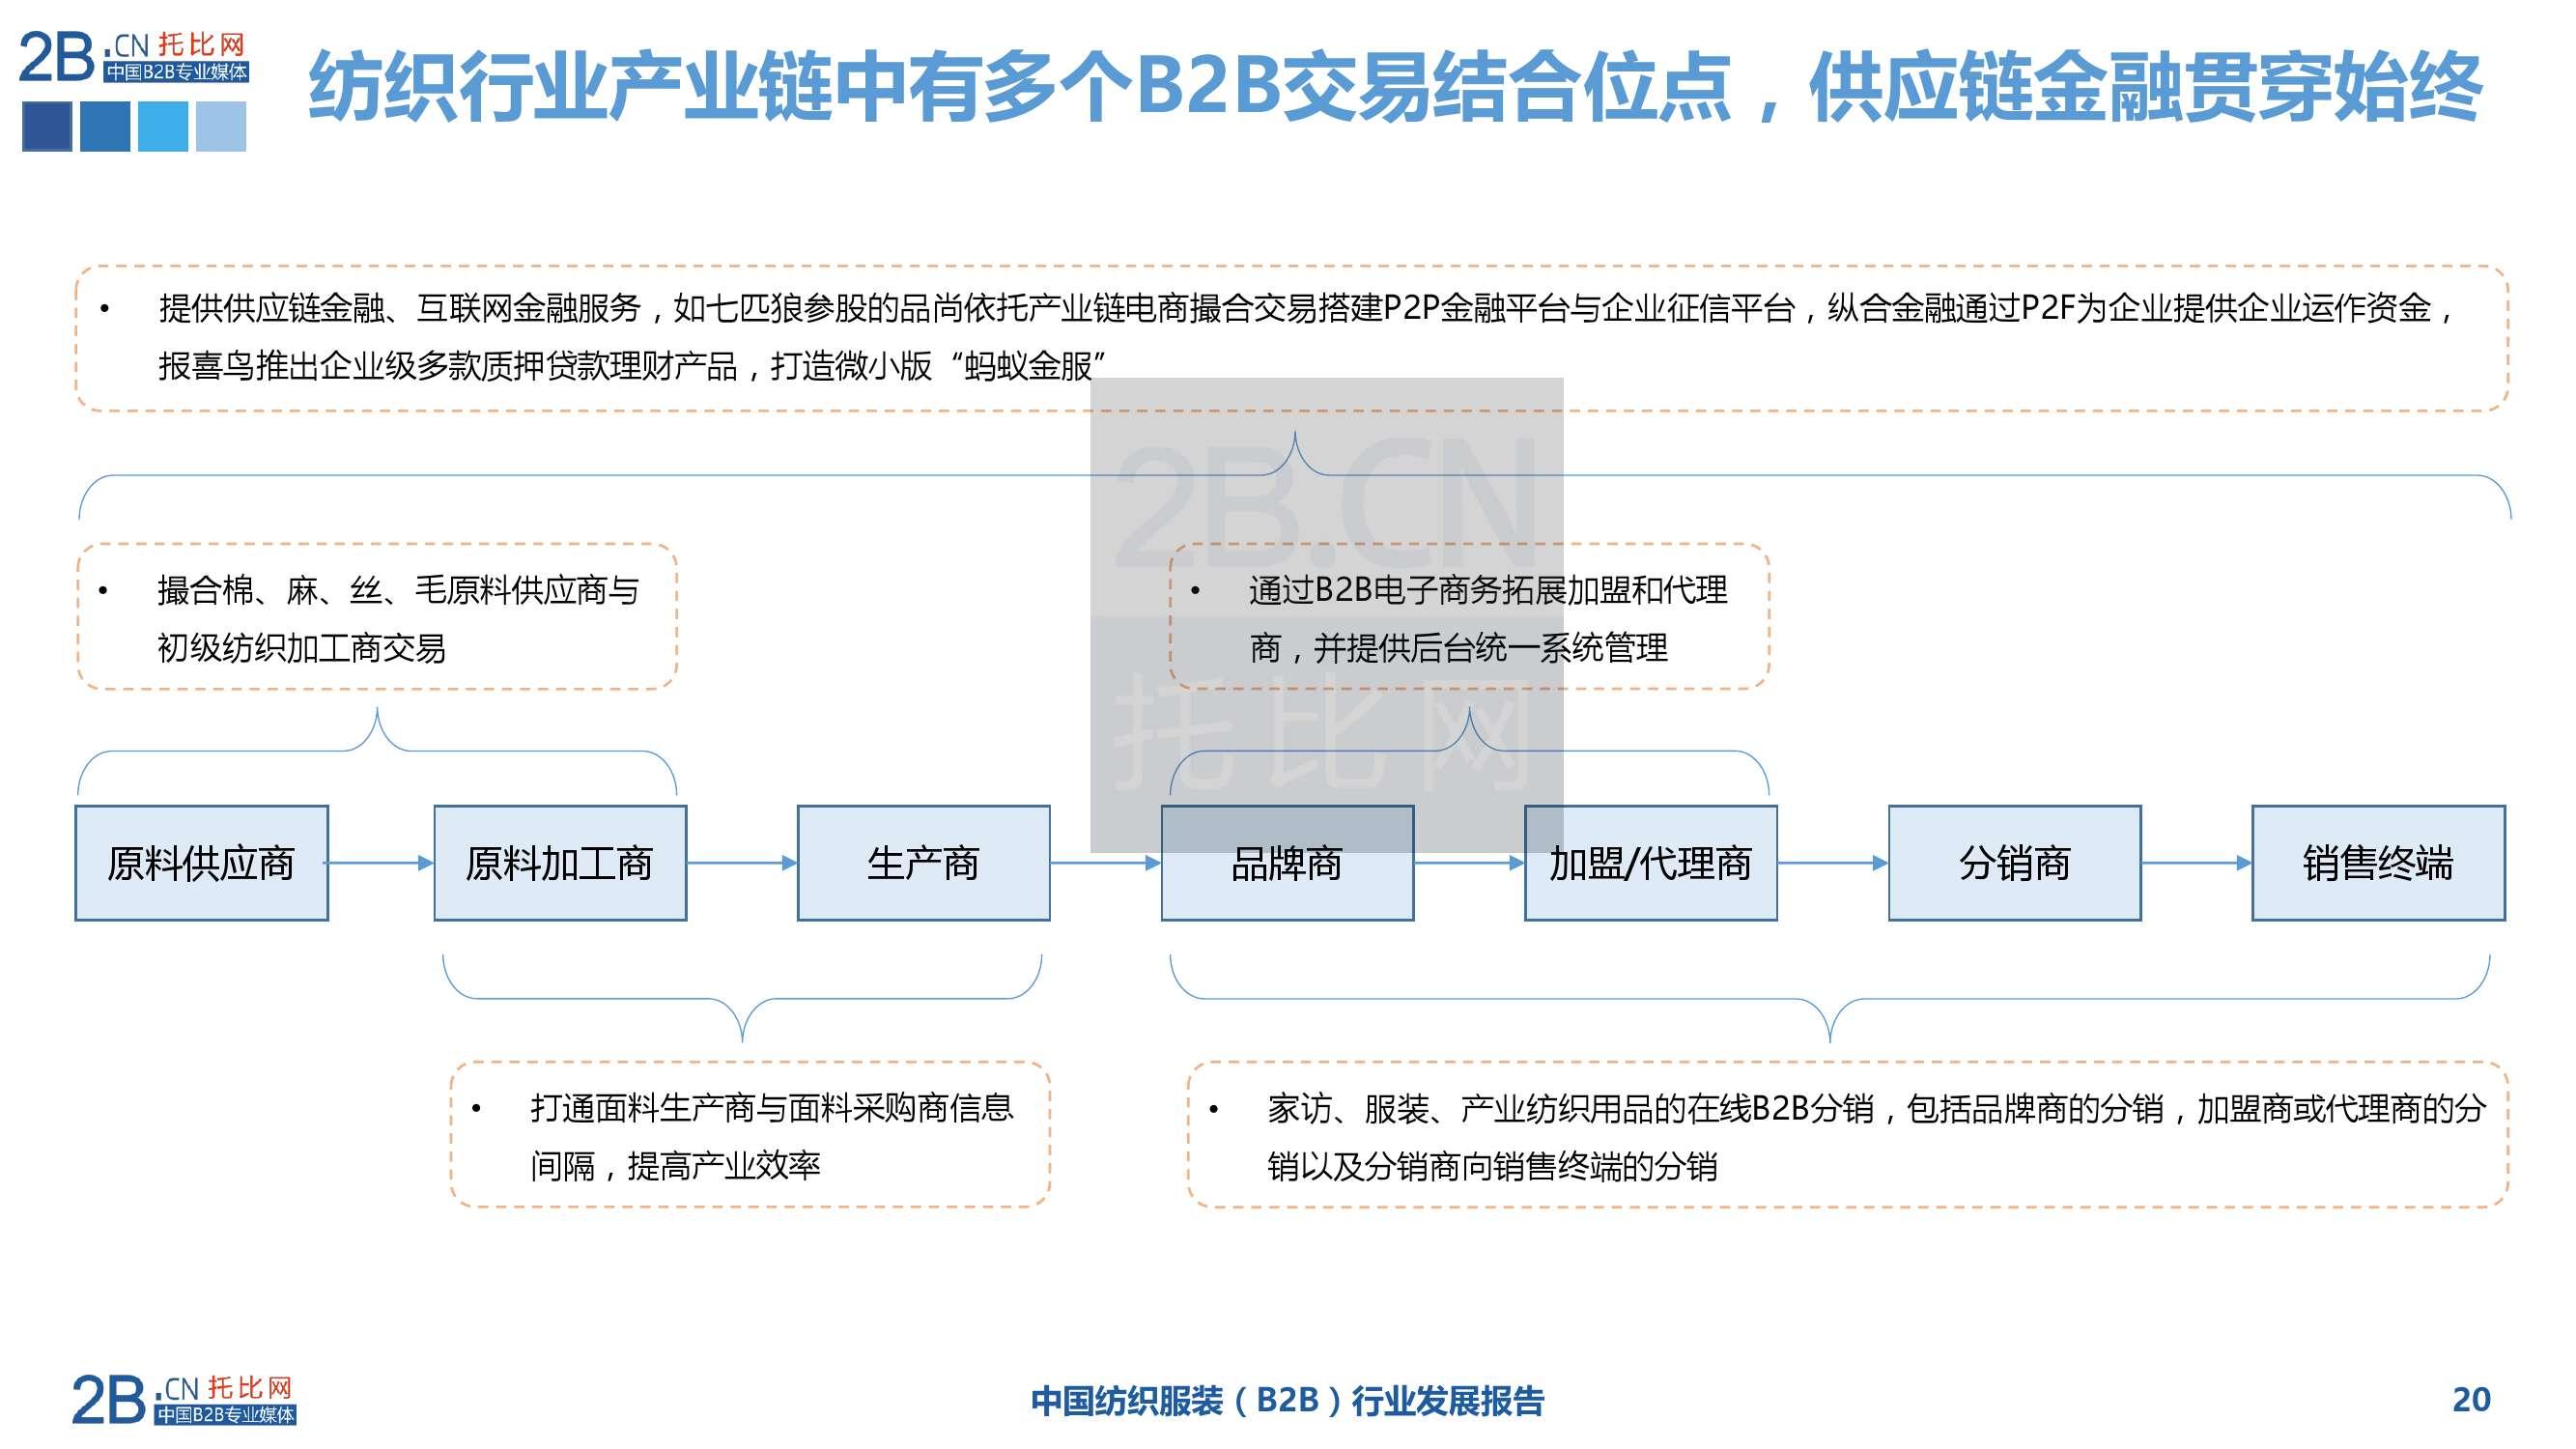 2015年中国纺织服装B2B行业发展报告_000020